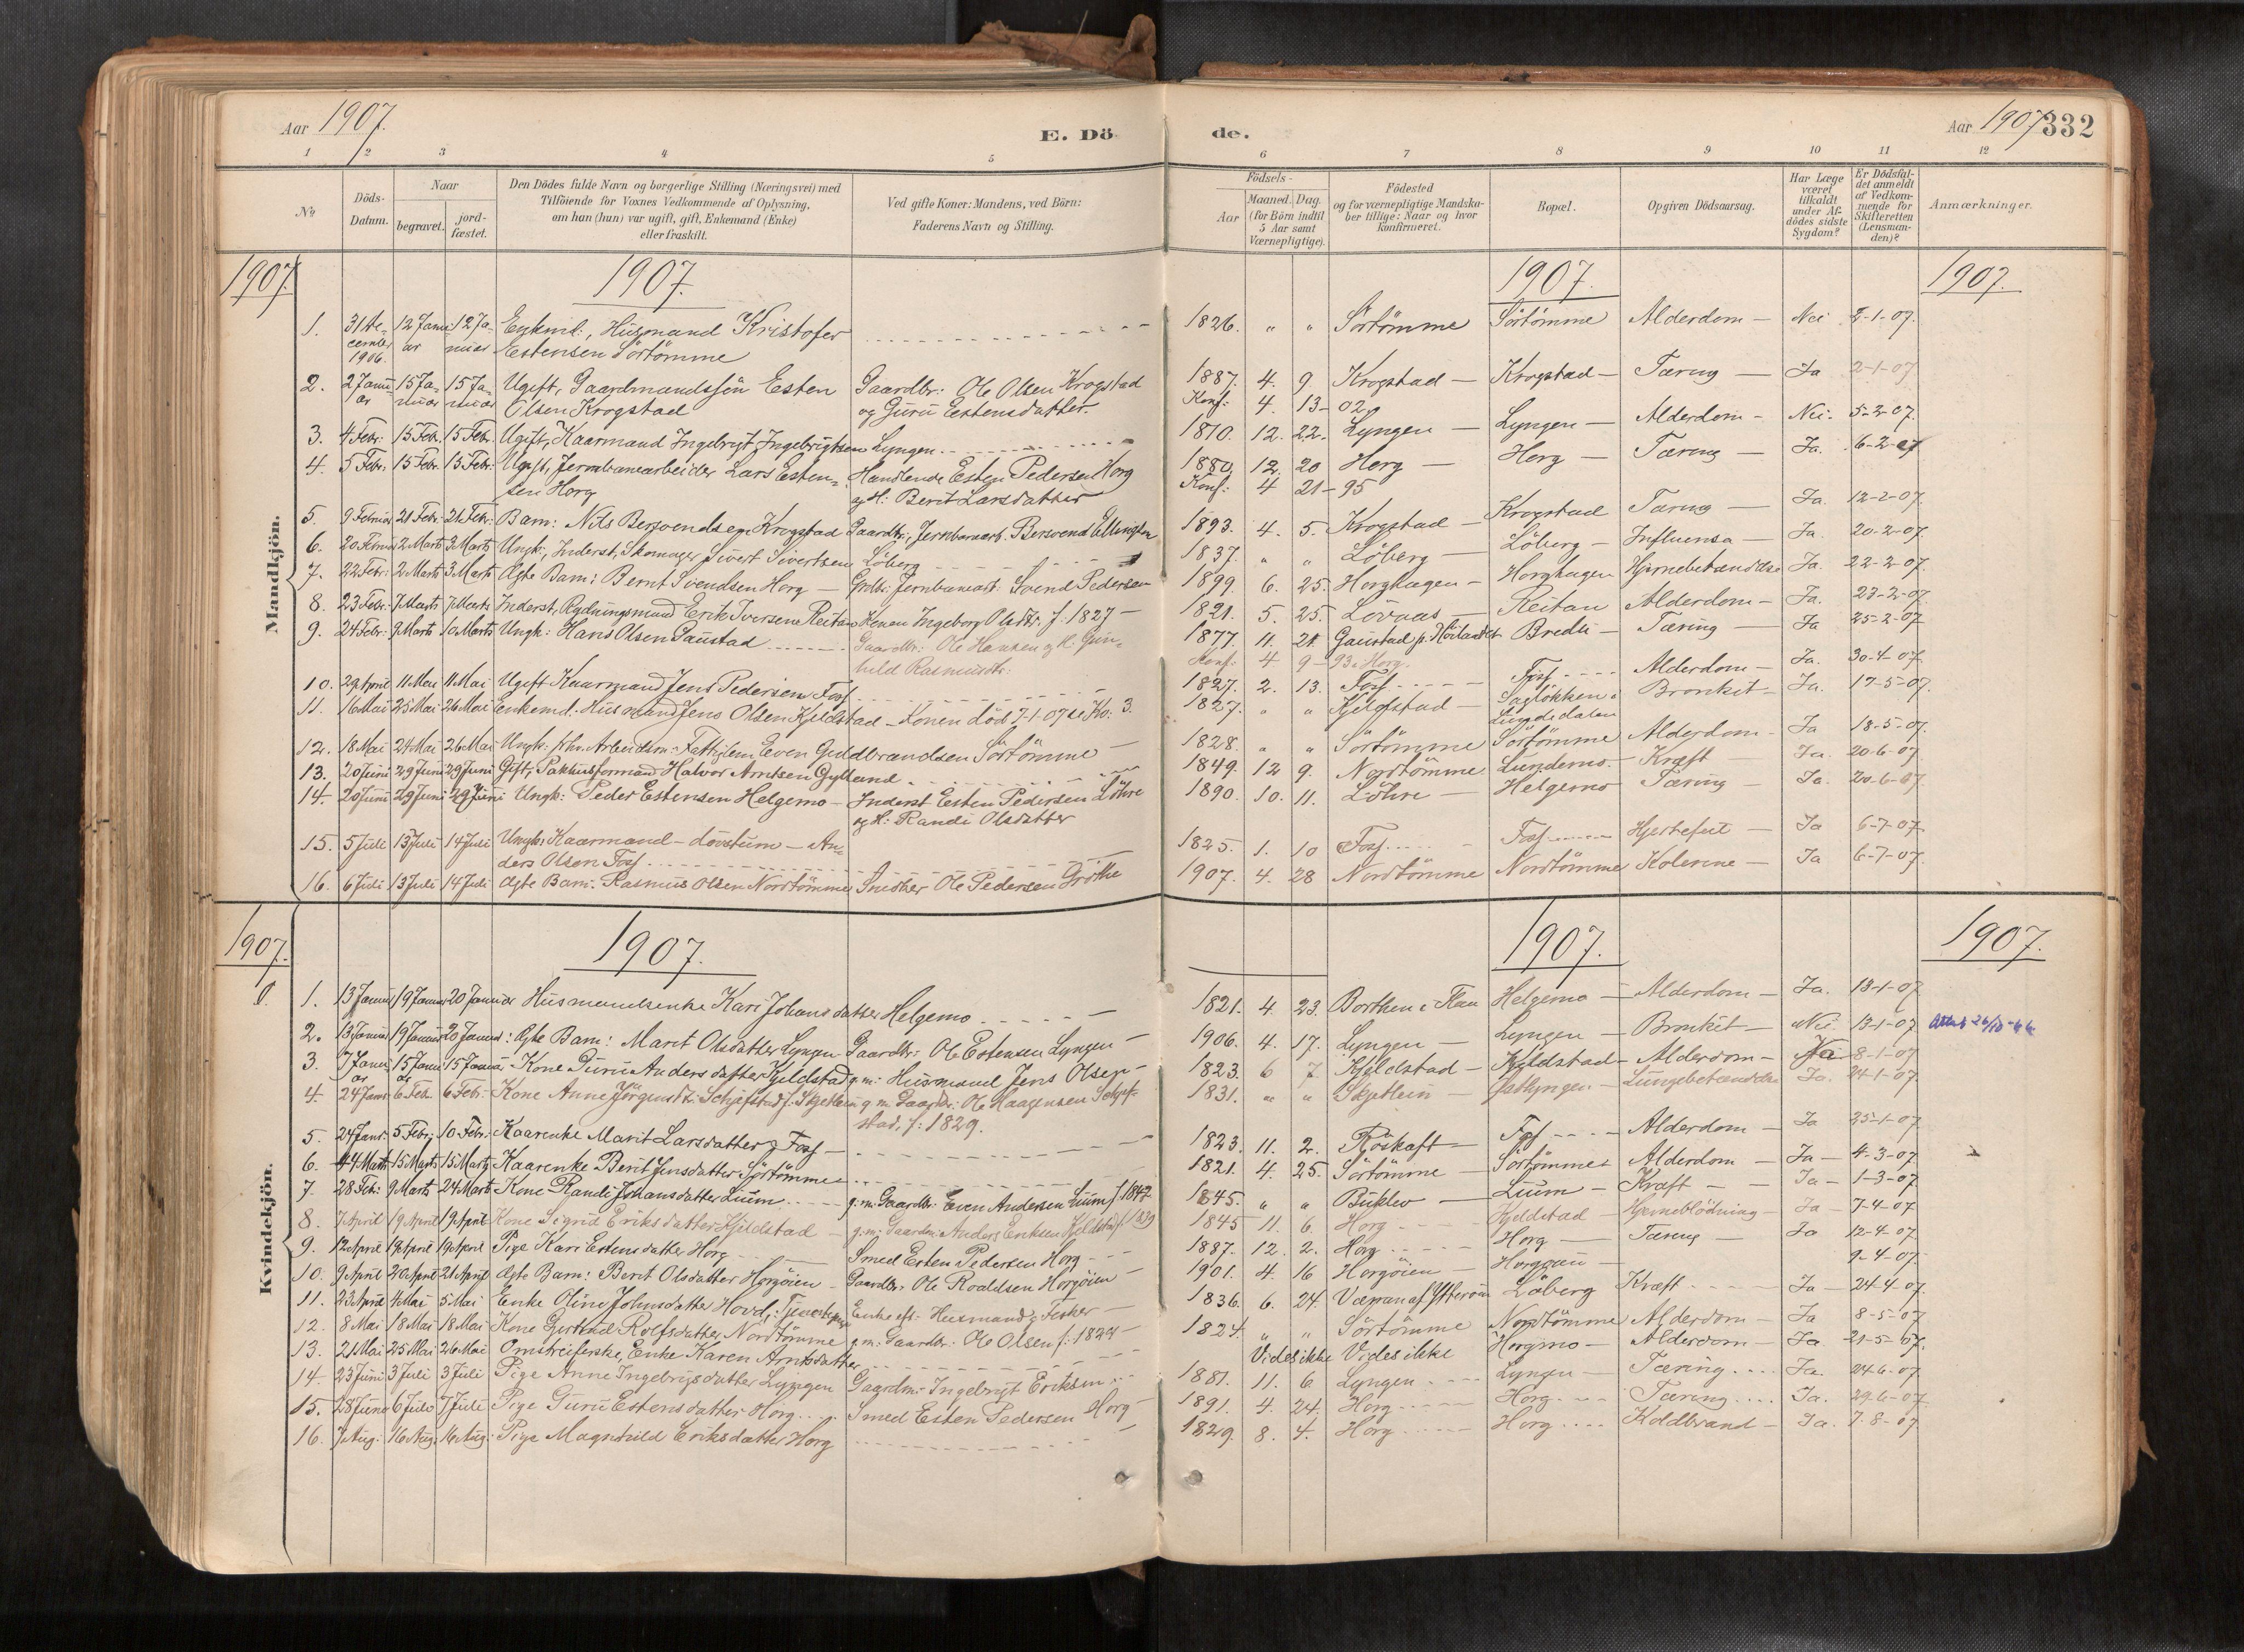 SAT, Ministerialprotokoller, klokkerbøker og fødselsregistre - Sør-Trøndelag, 692/L1105b: Ministerialbok nr. 692A06, 1891-1934, s. 332